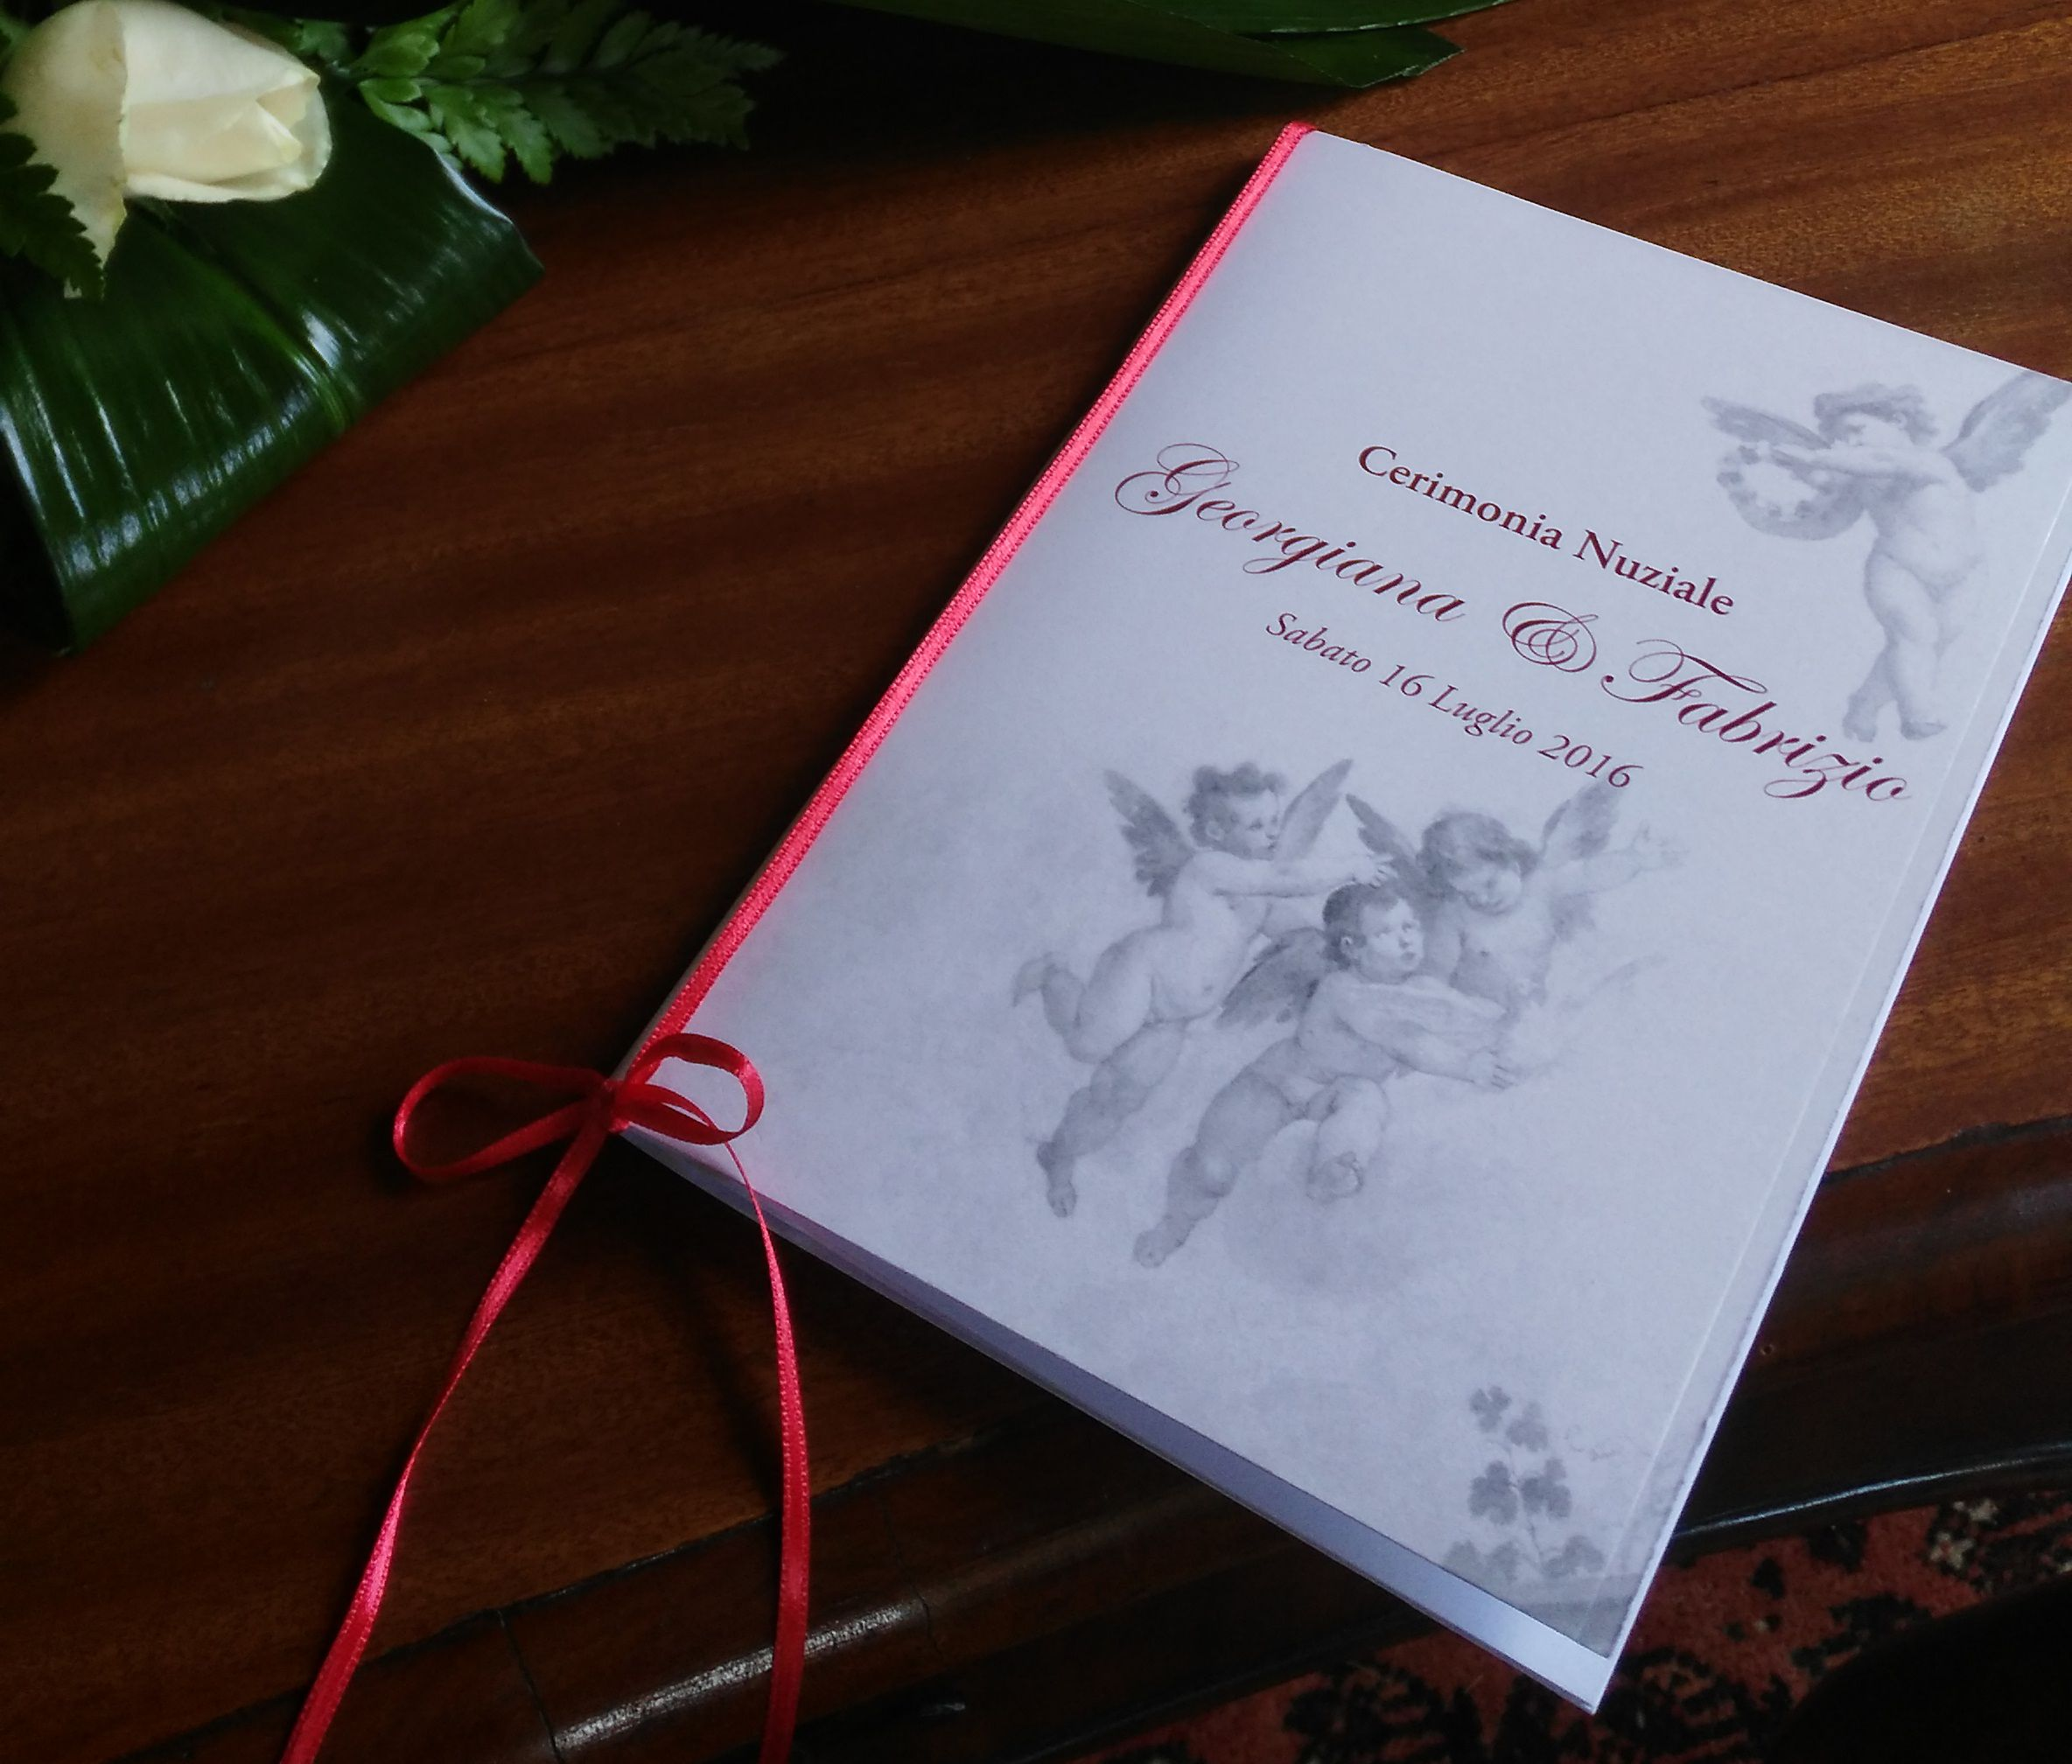 Matrimonio Simbolico Libretto : Un libretto messa per una cerimonia simbolica con il rito della